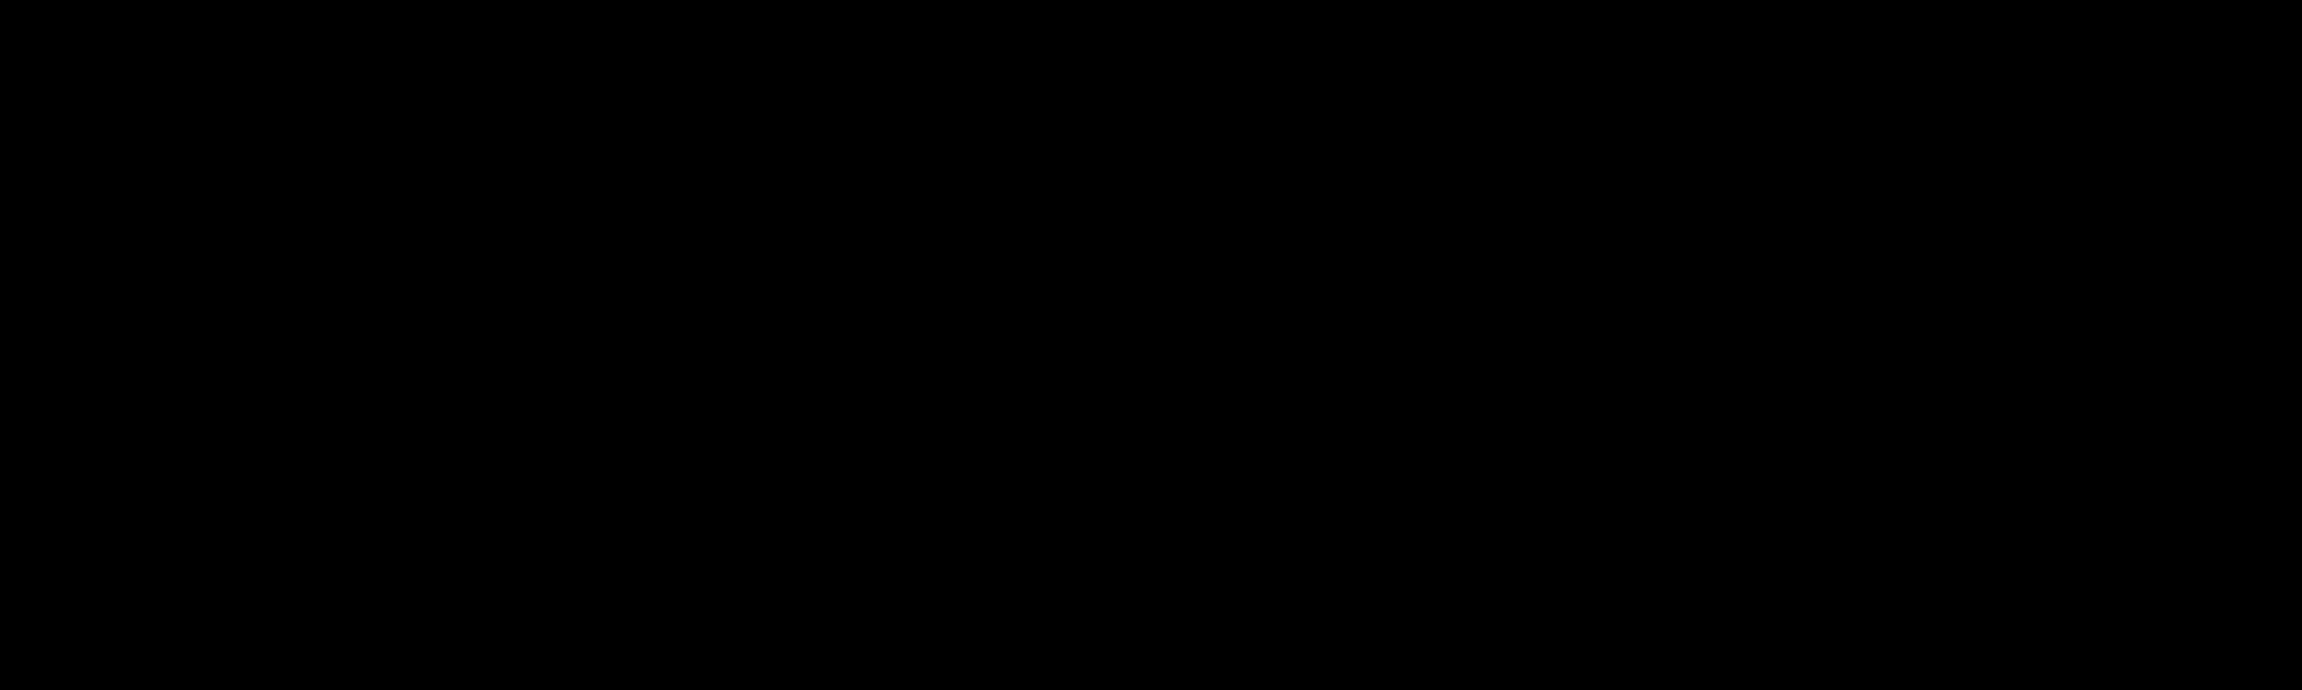 Desethylene aripiprazole-d<sub>8</sub>